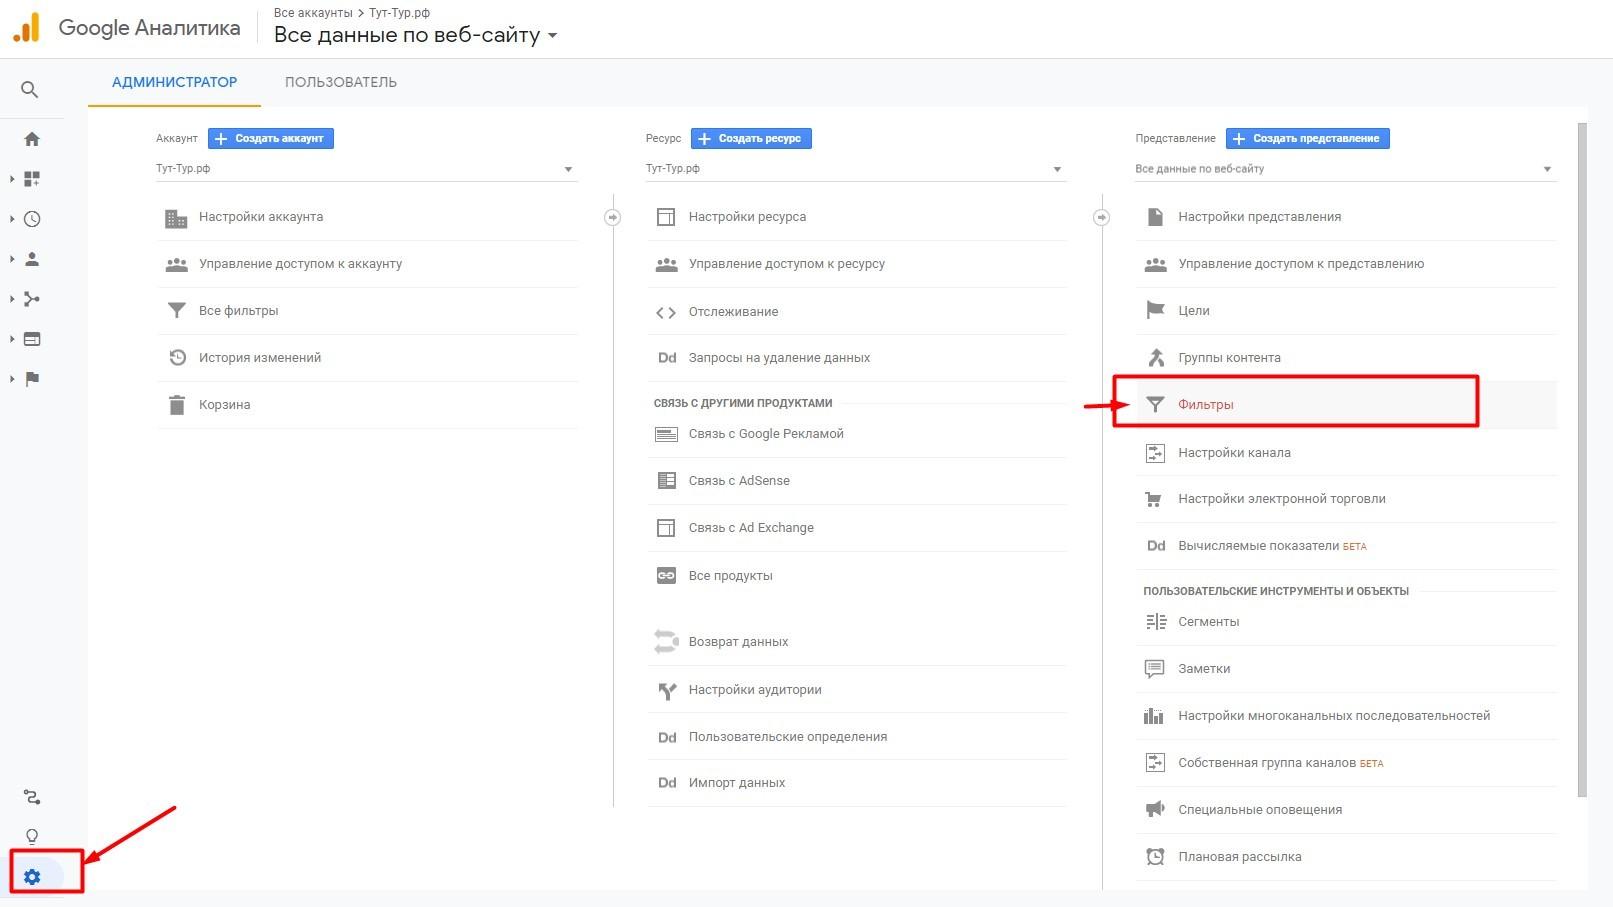 Фильтры в панели Google Analytics